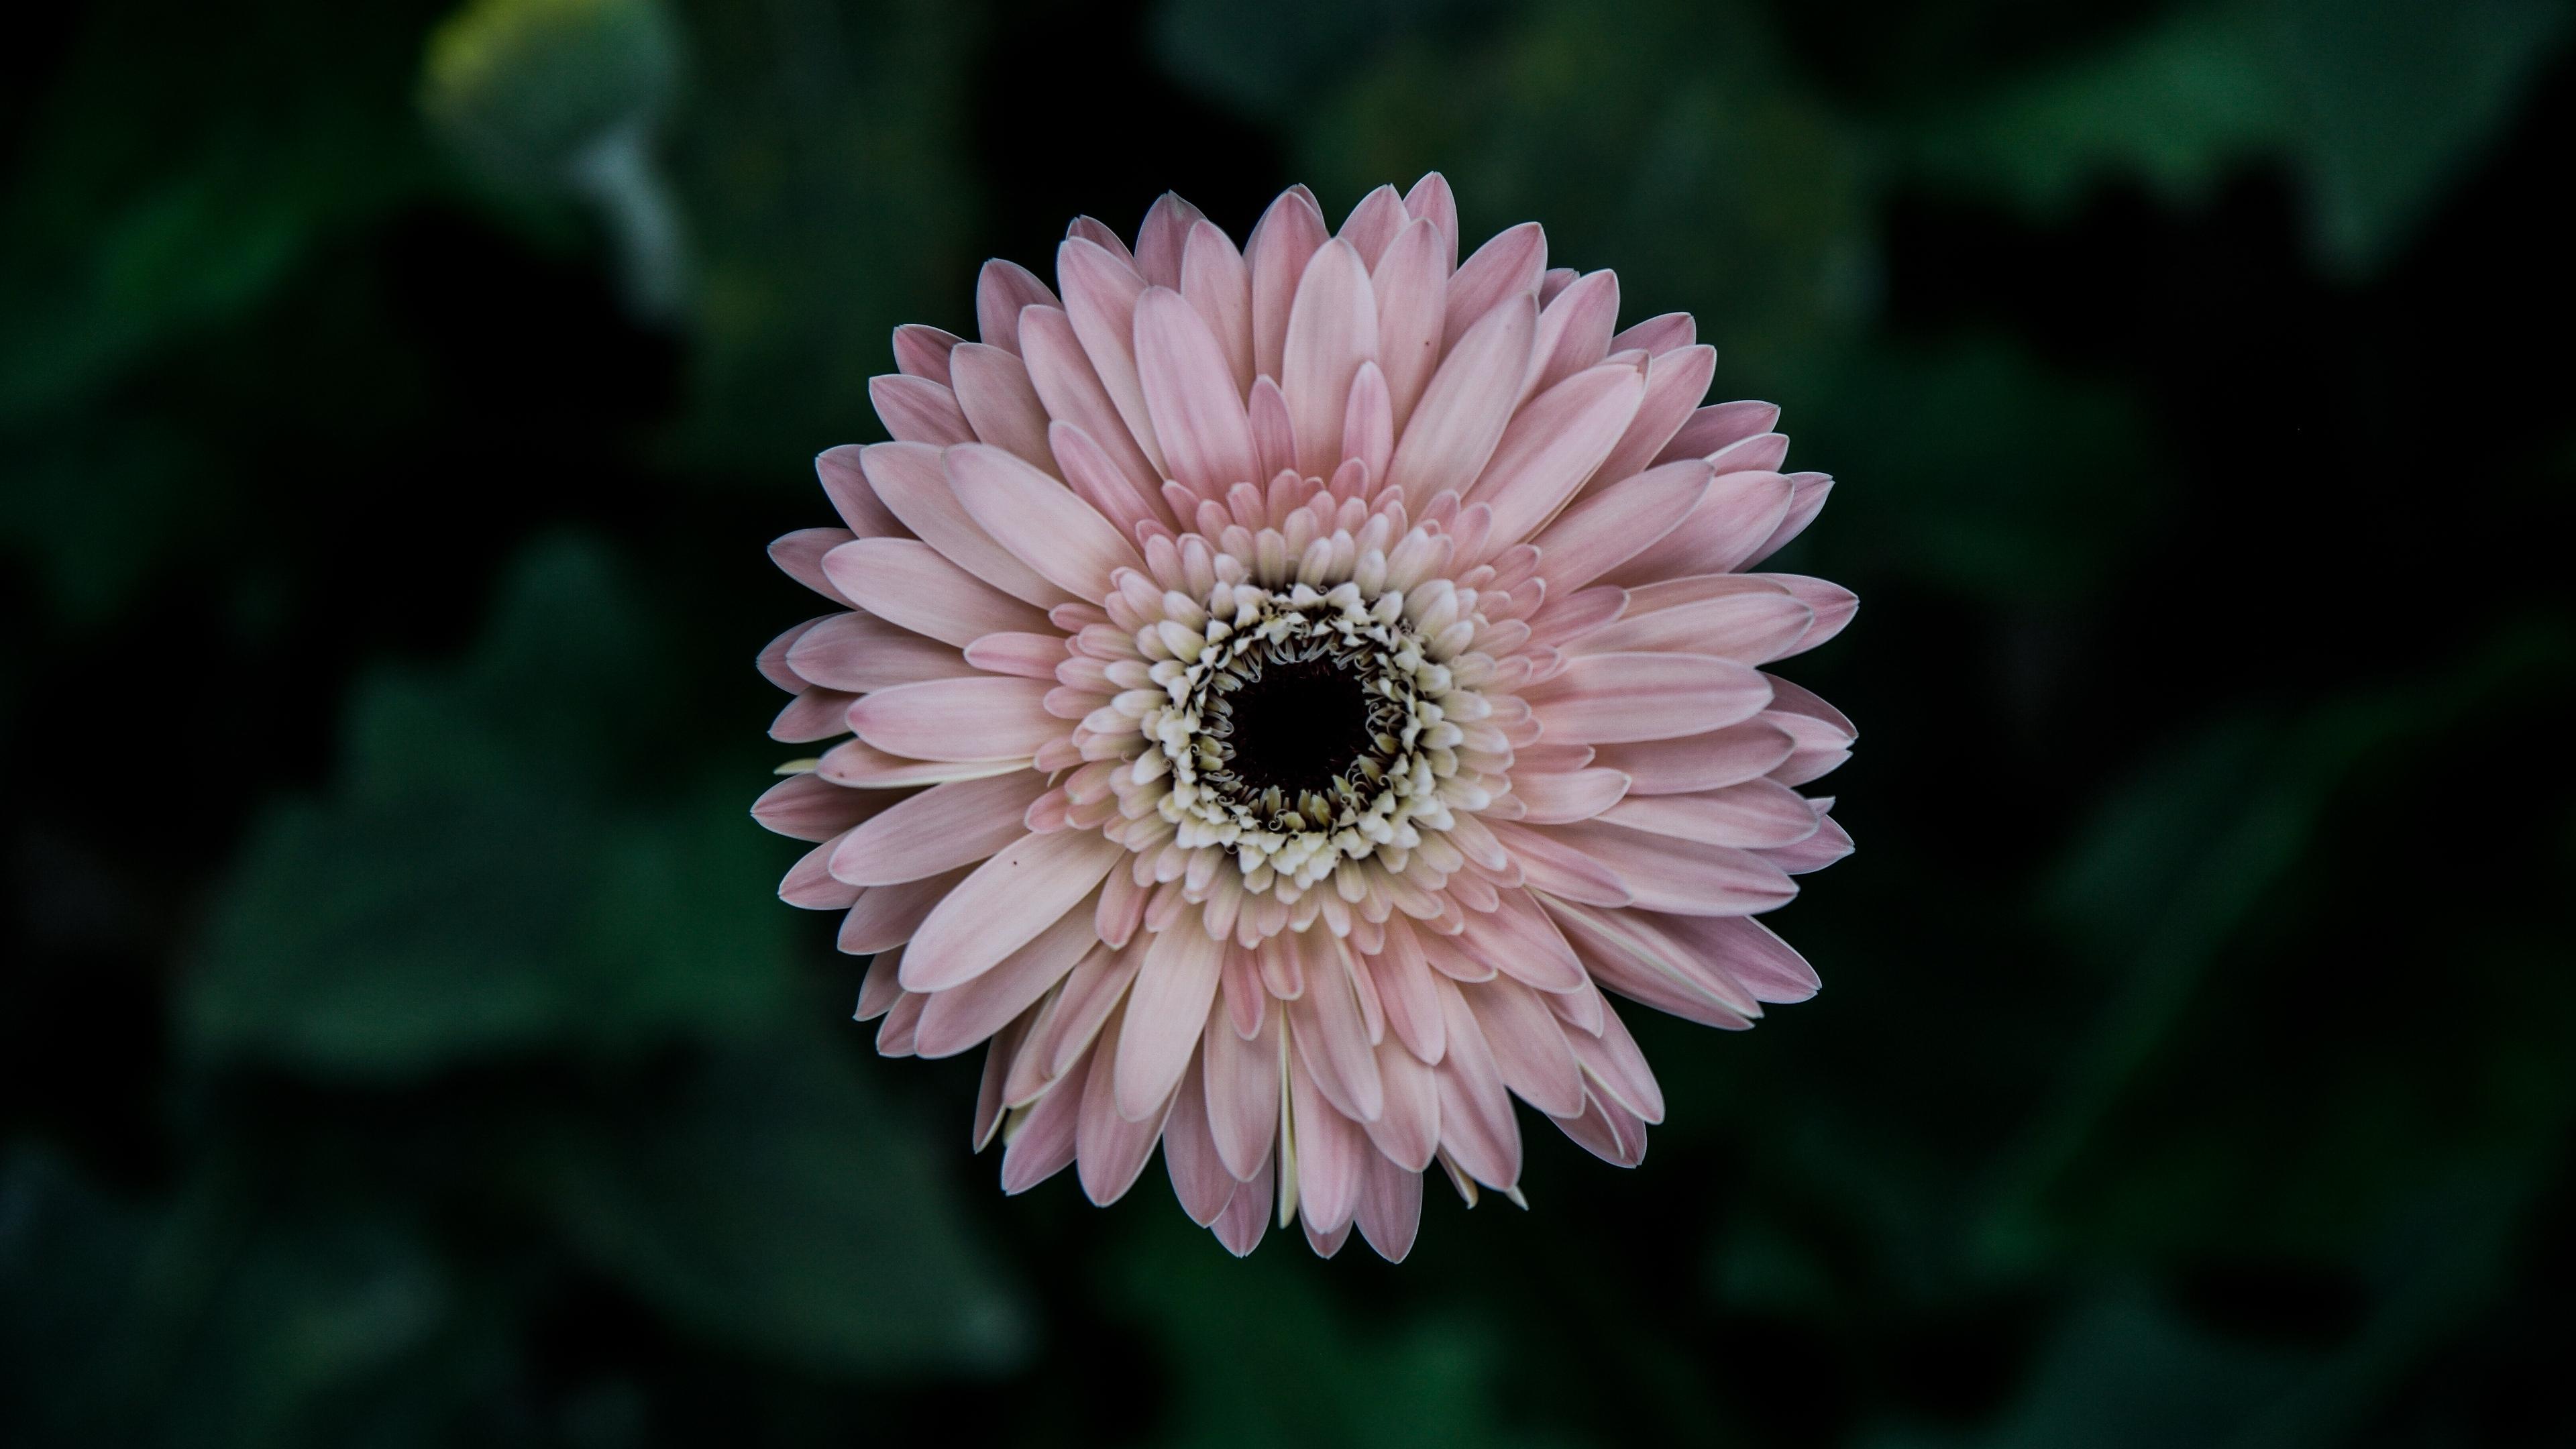 aster flower bud petals 4k 1540064782 - aster, flower, bud, petals 4k - flower, bud, Aster